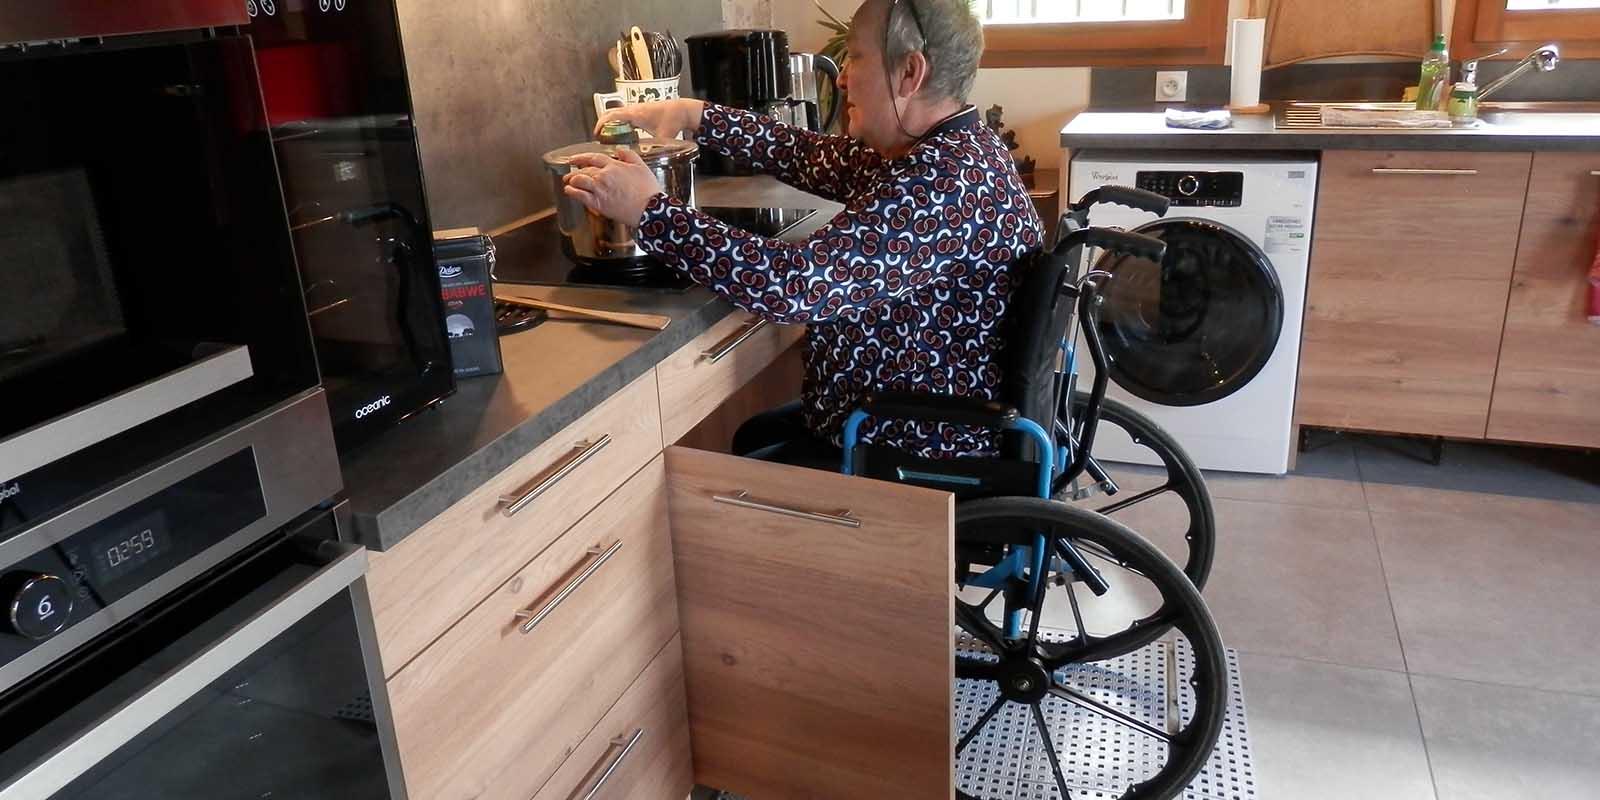 Une cuisine équipée et accessible pour tous